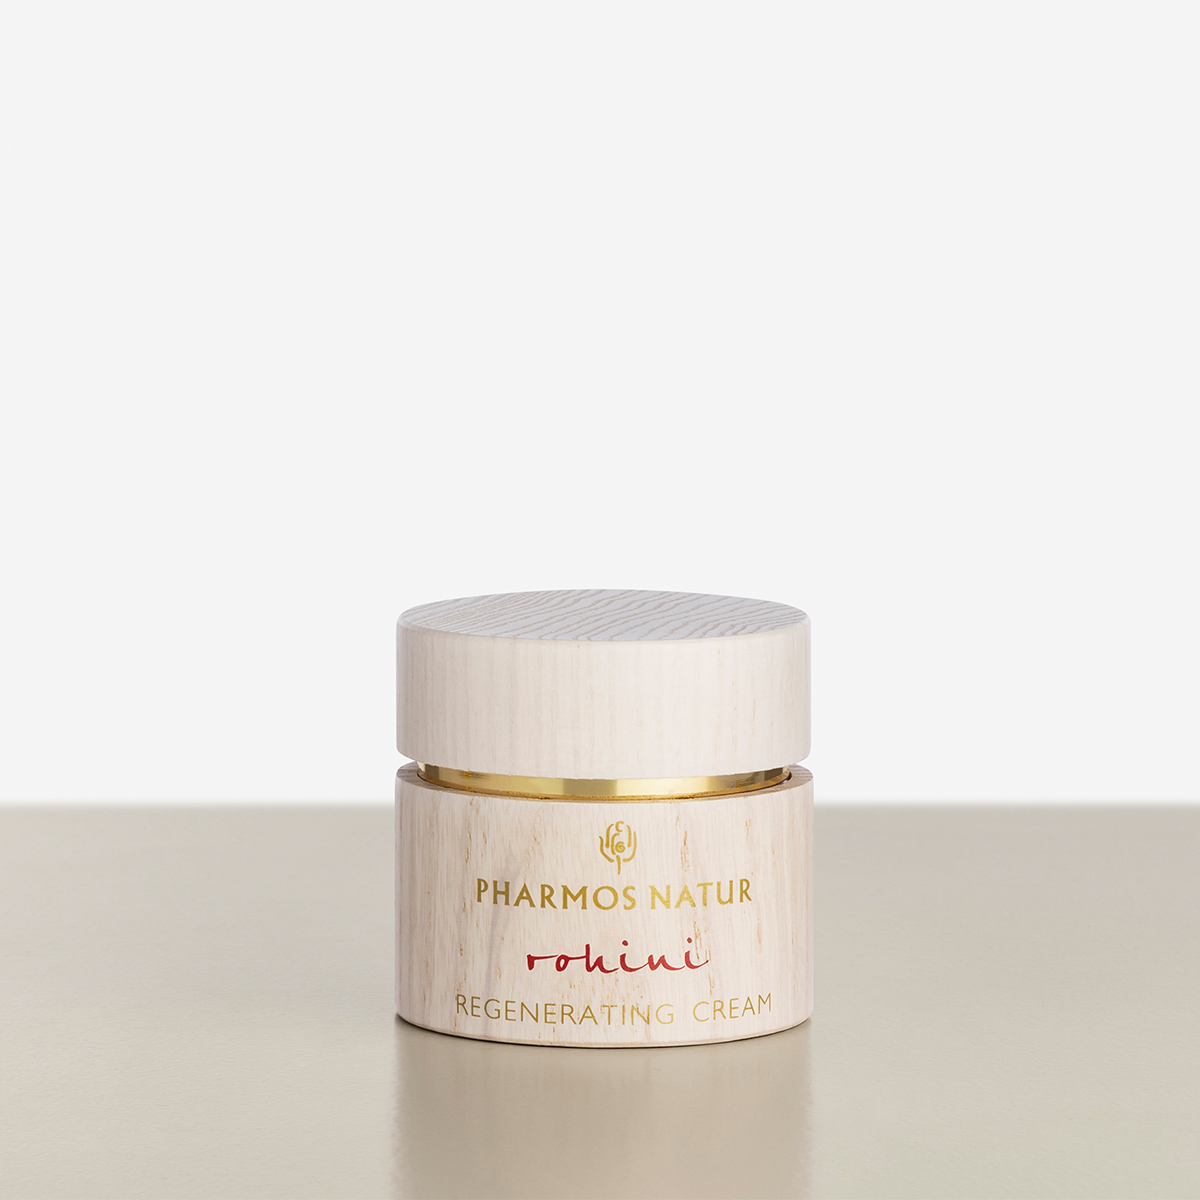 Rohini Regenerating Cream Produktbild